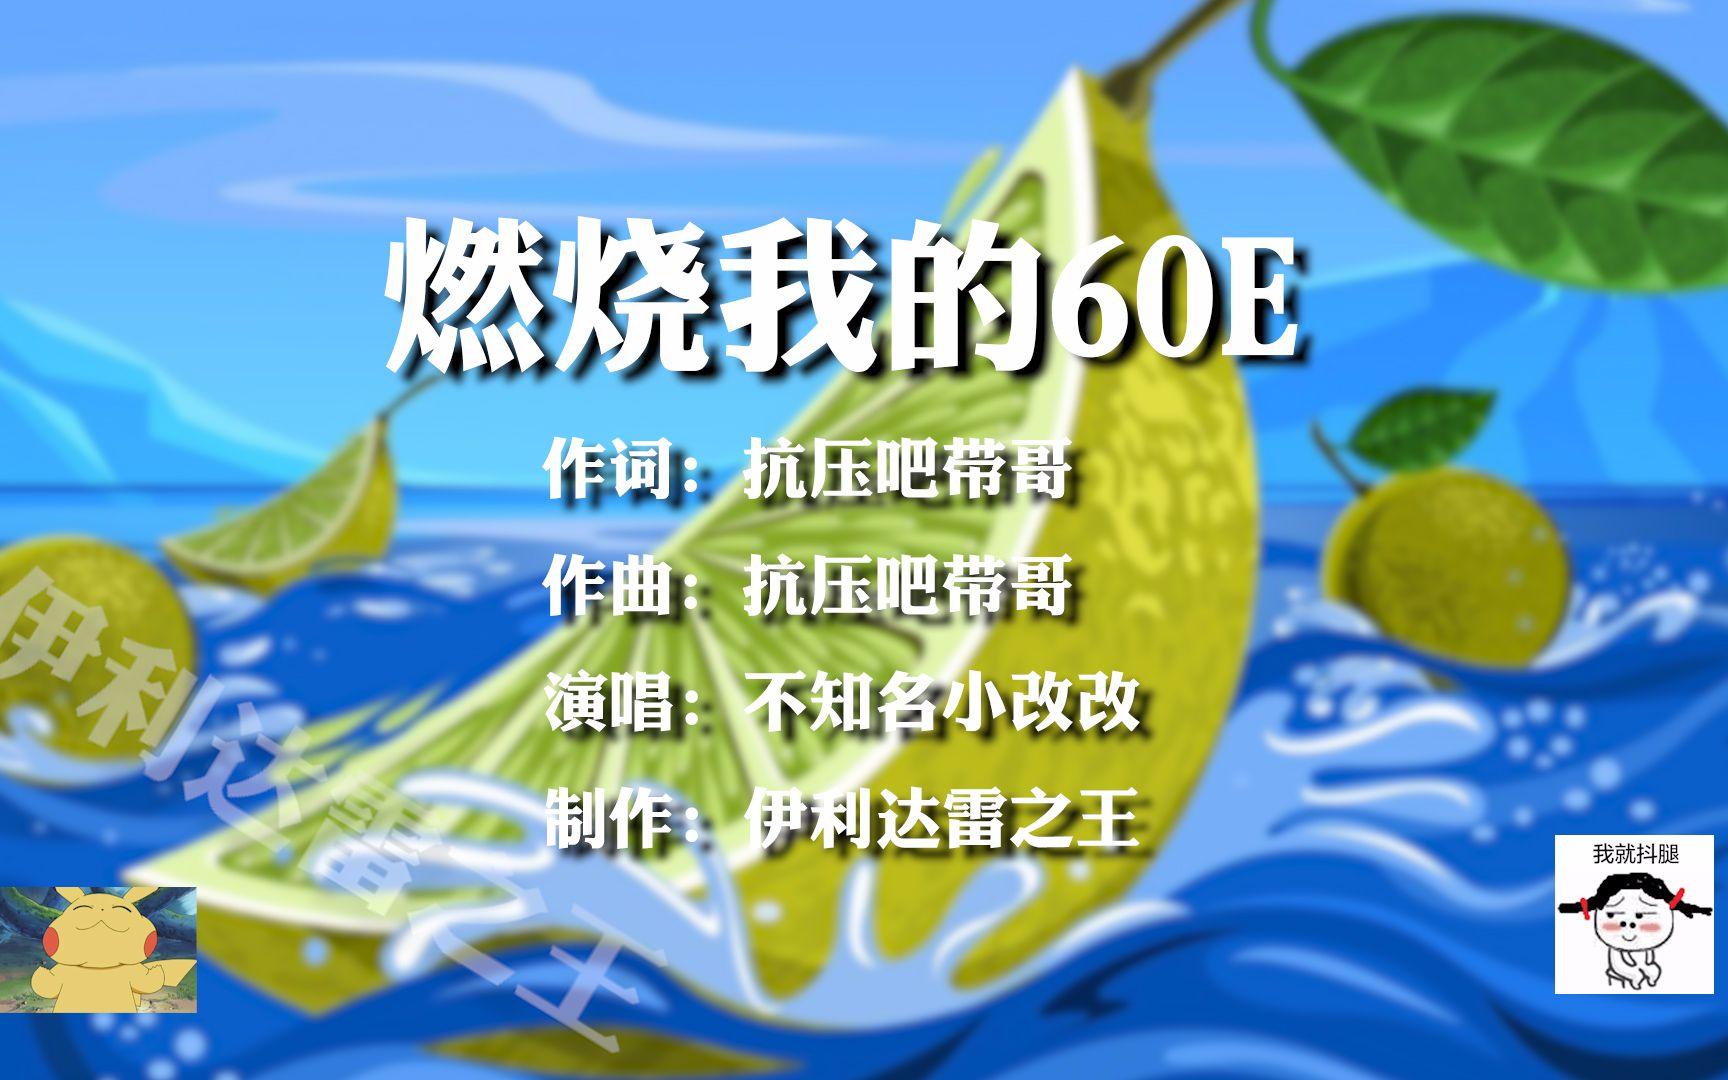 重制版【燃烧我的60E】(feat.柠檬精)视频版